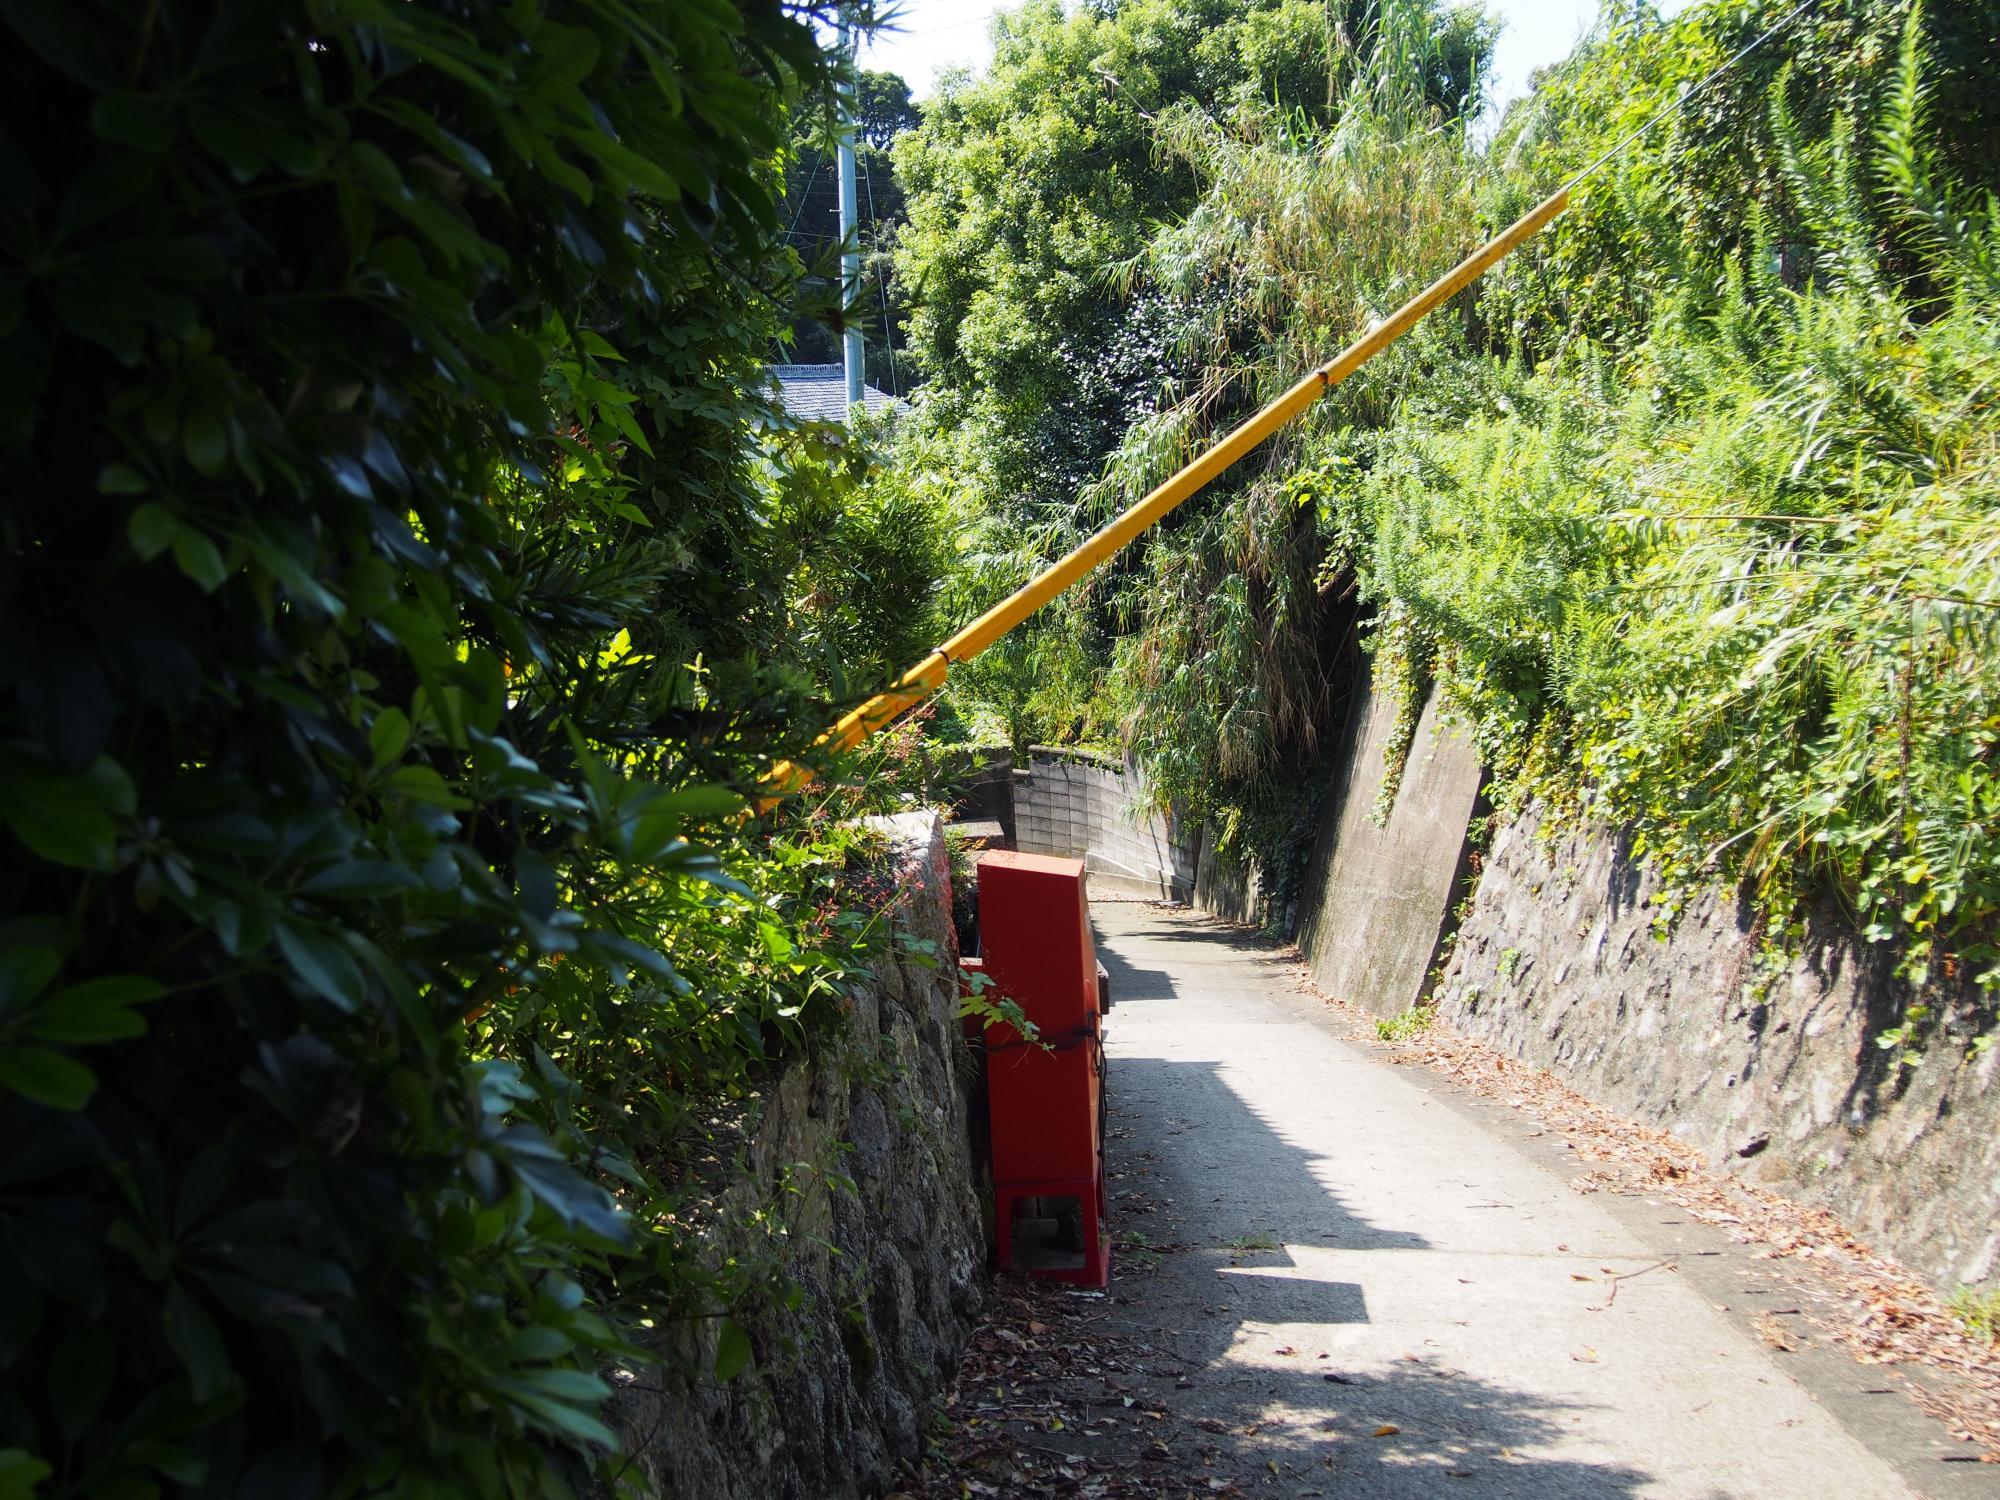 赤いポスト黄色い柱の道